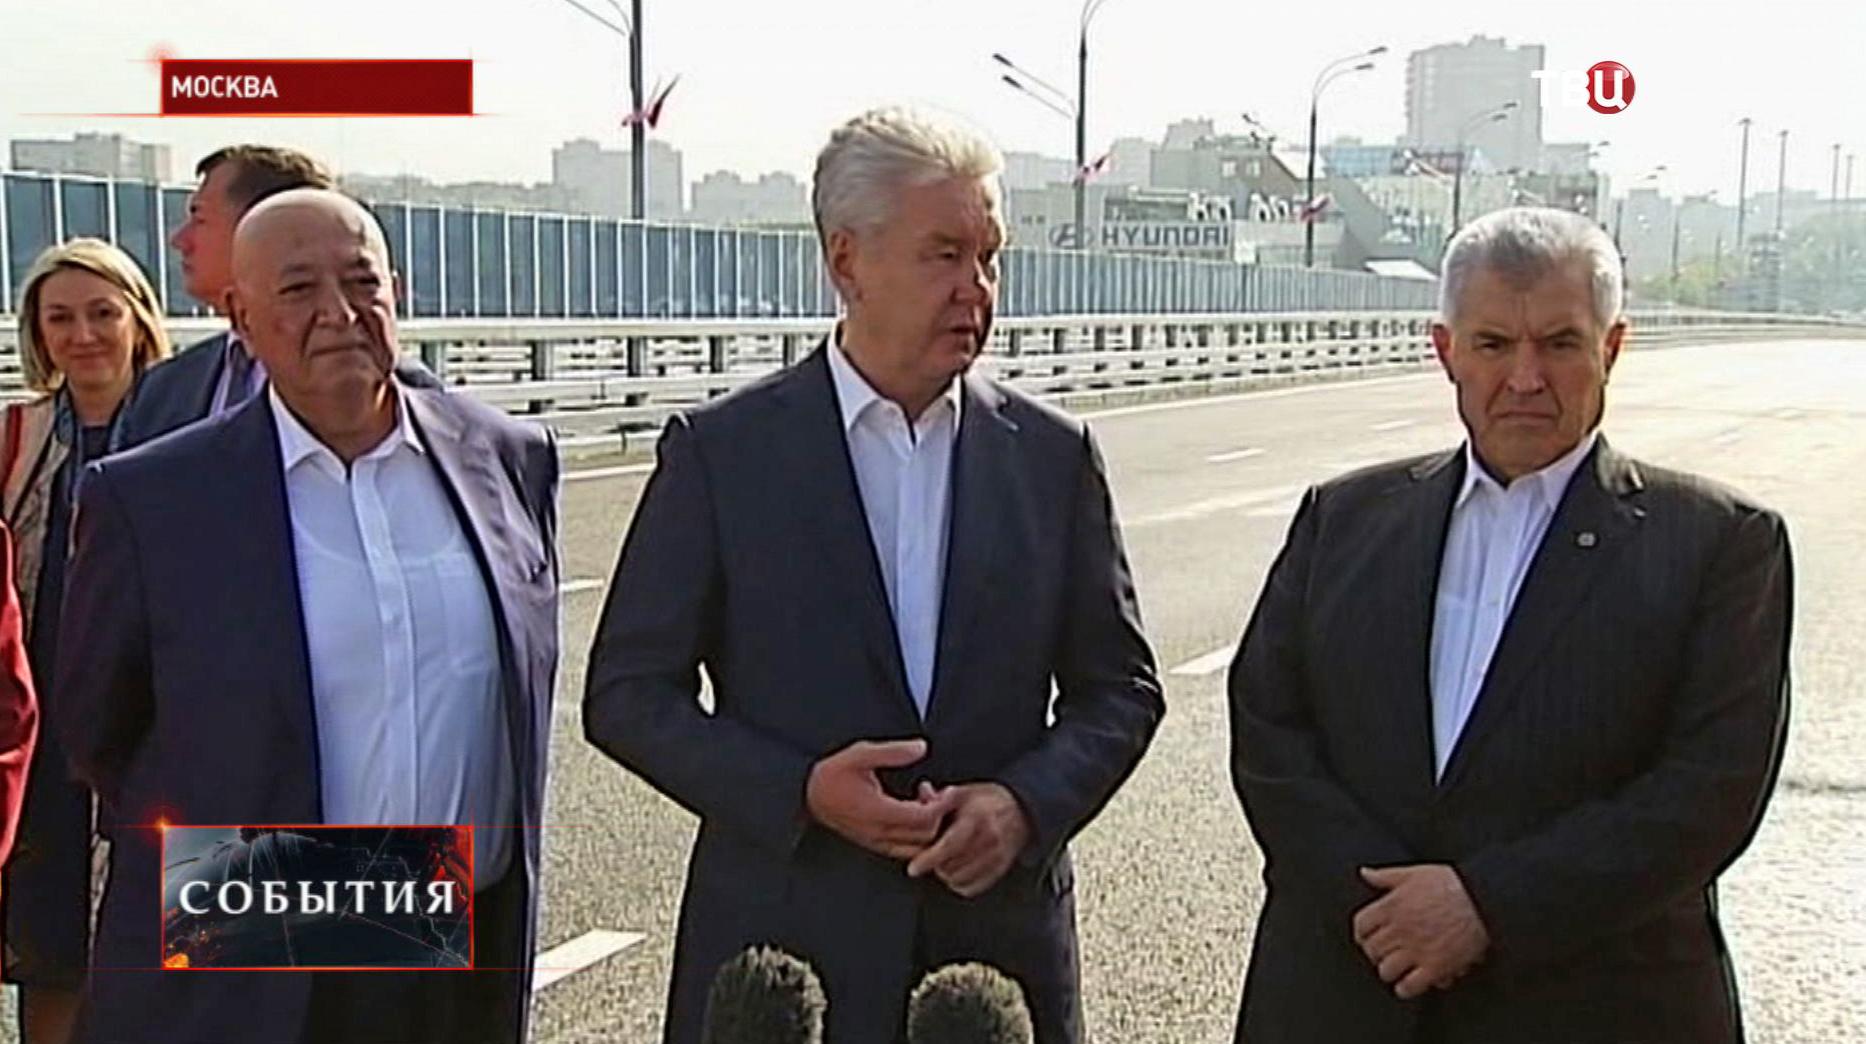 Сергей Собянин на новой развязке на Новорязанском шоссе